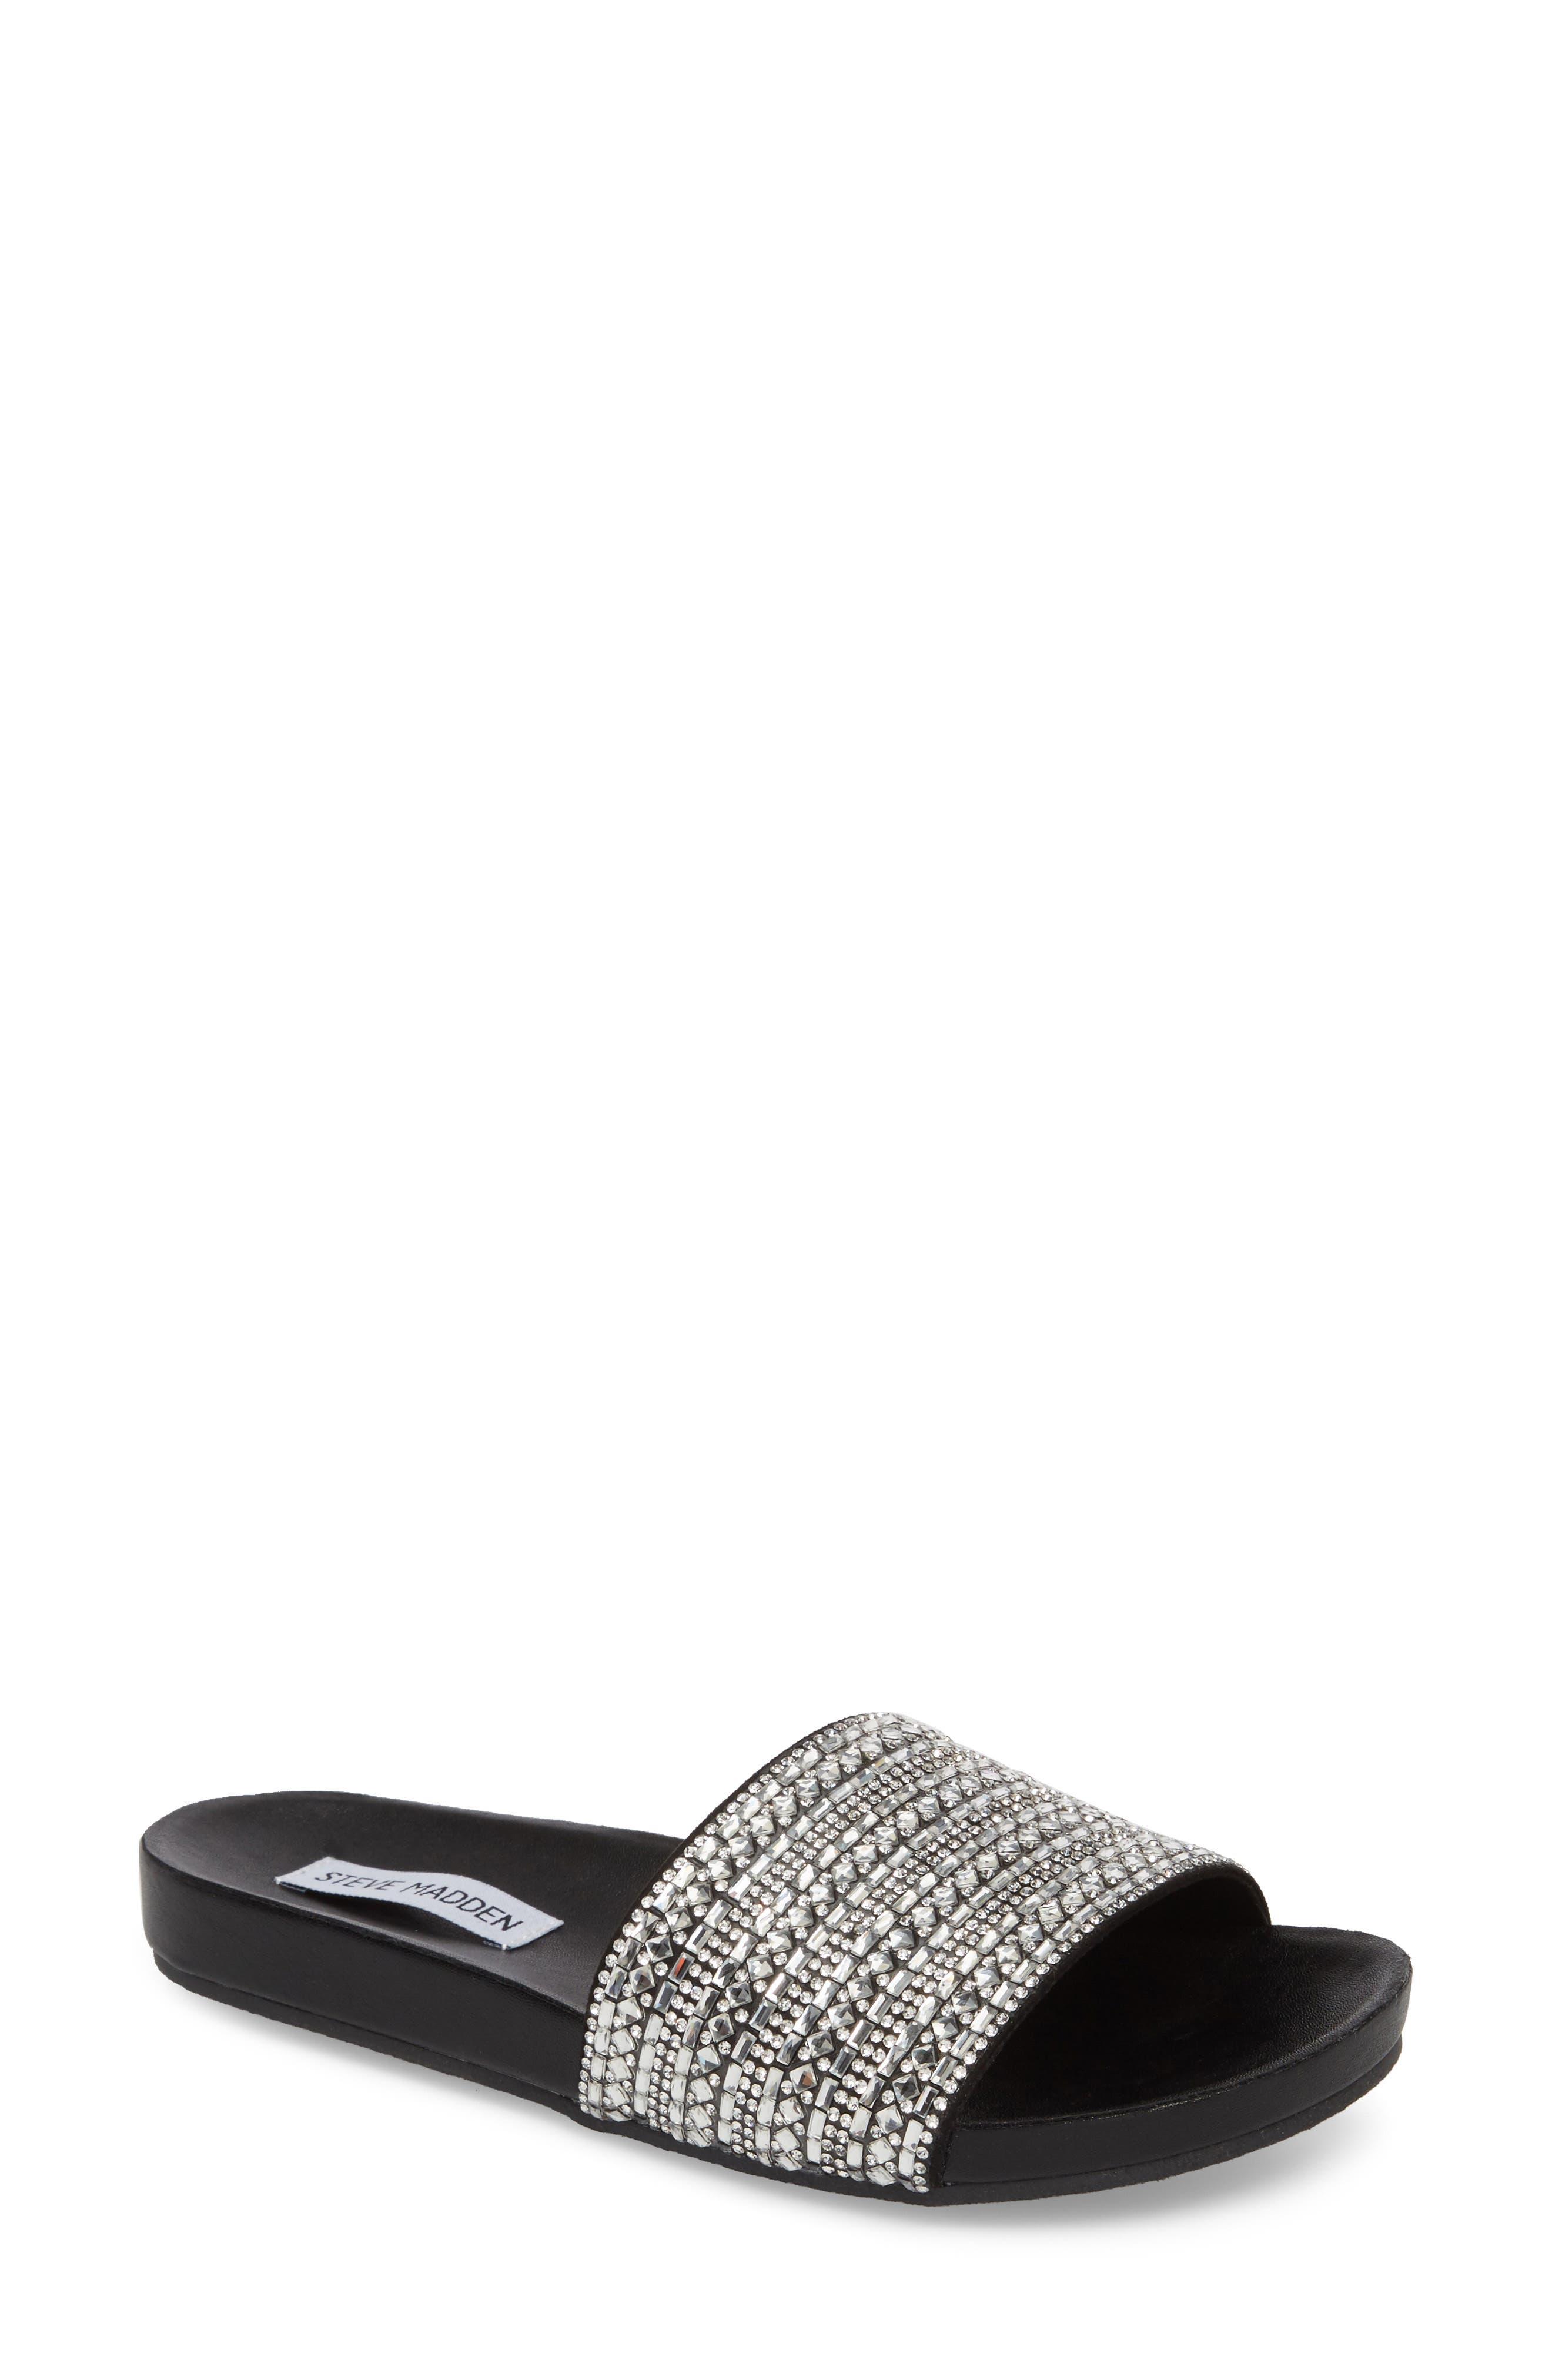 Main Image - Steve Madden Dazzle Embellished Slide Sandal (Women)